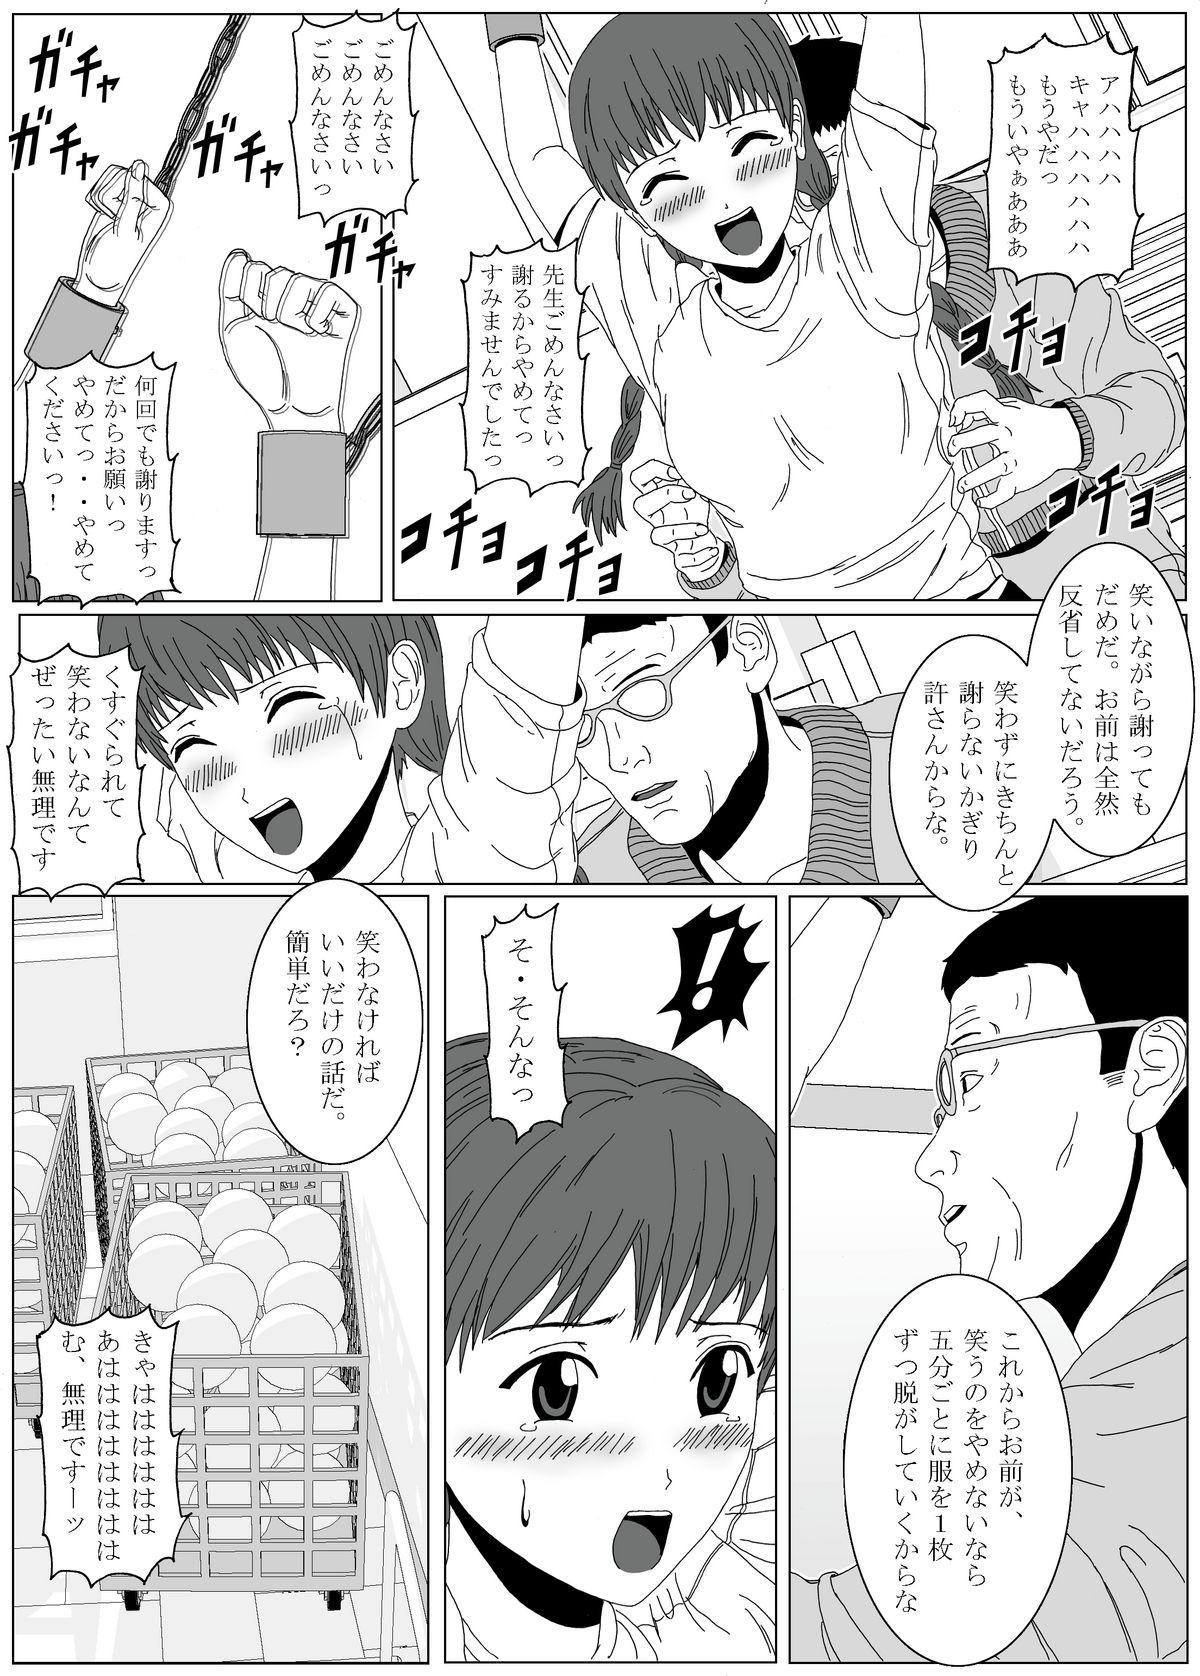 Kusuguri Maid / Imouto Kusuguri Sonota 37